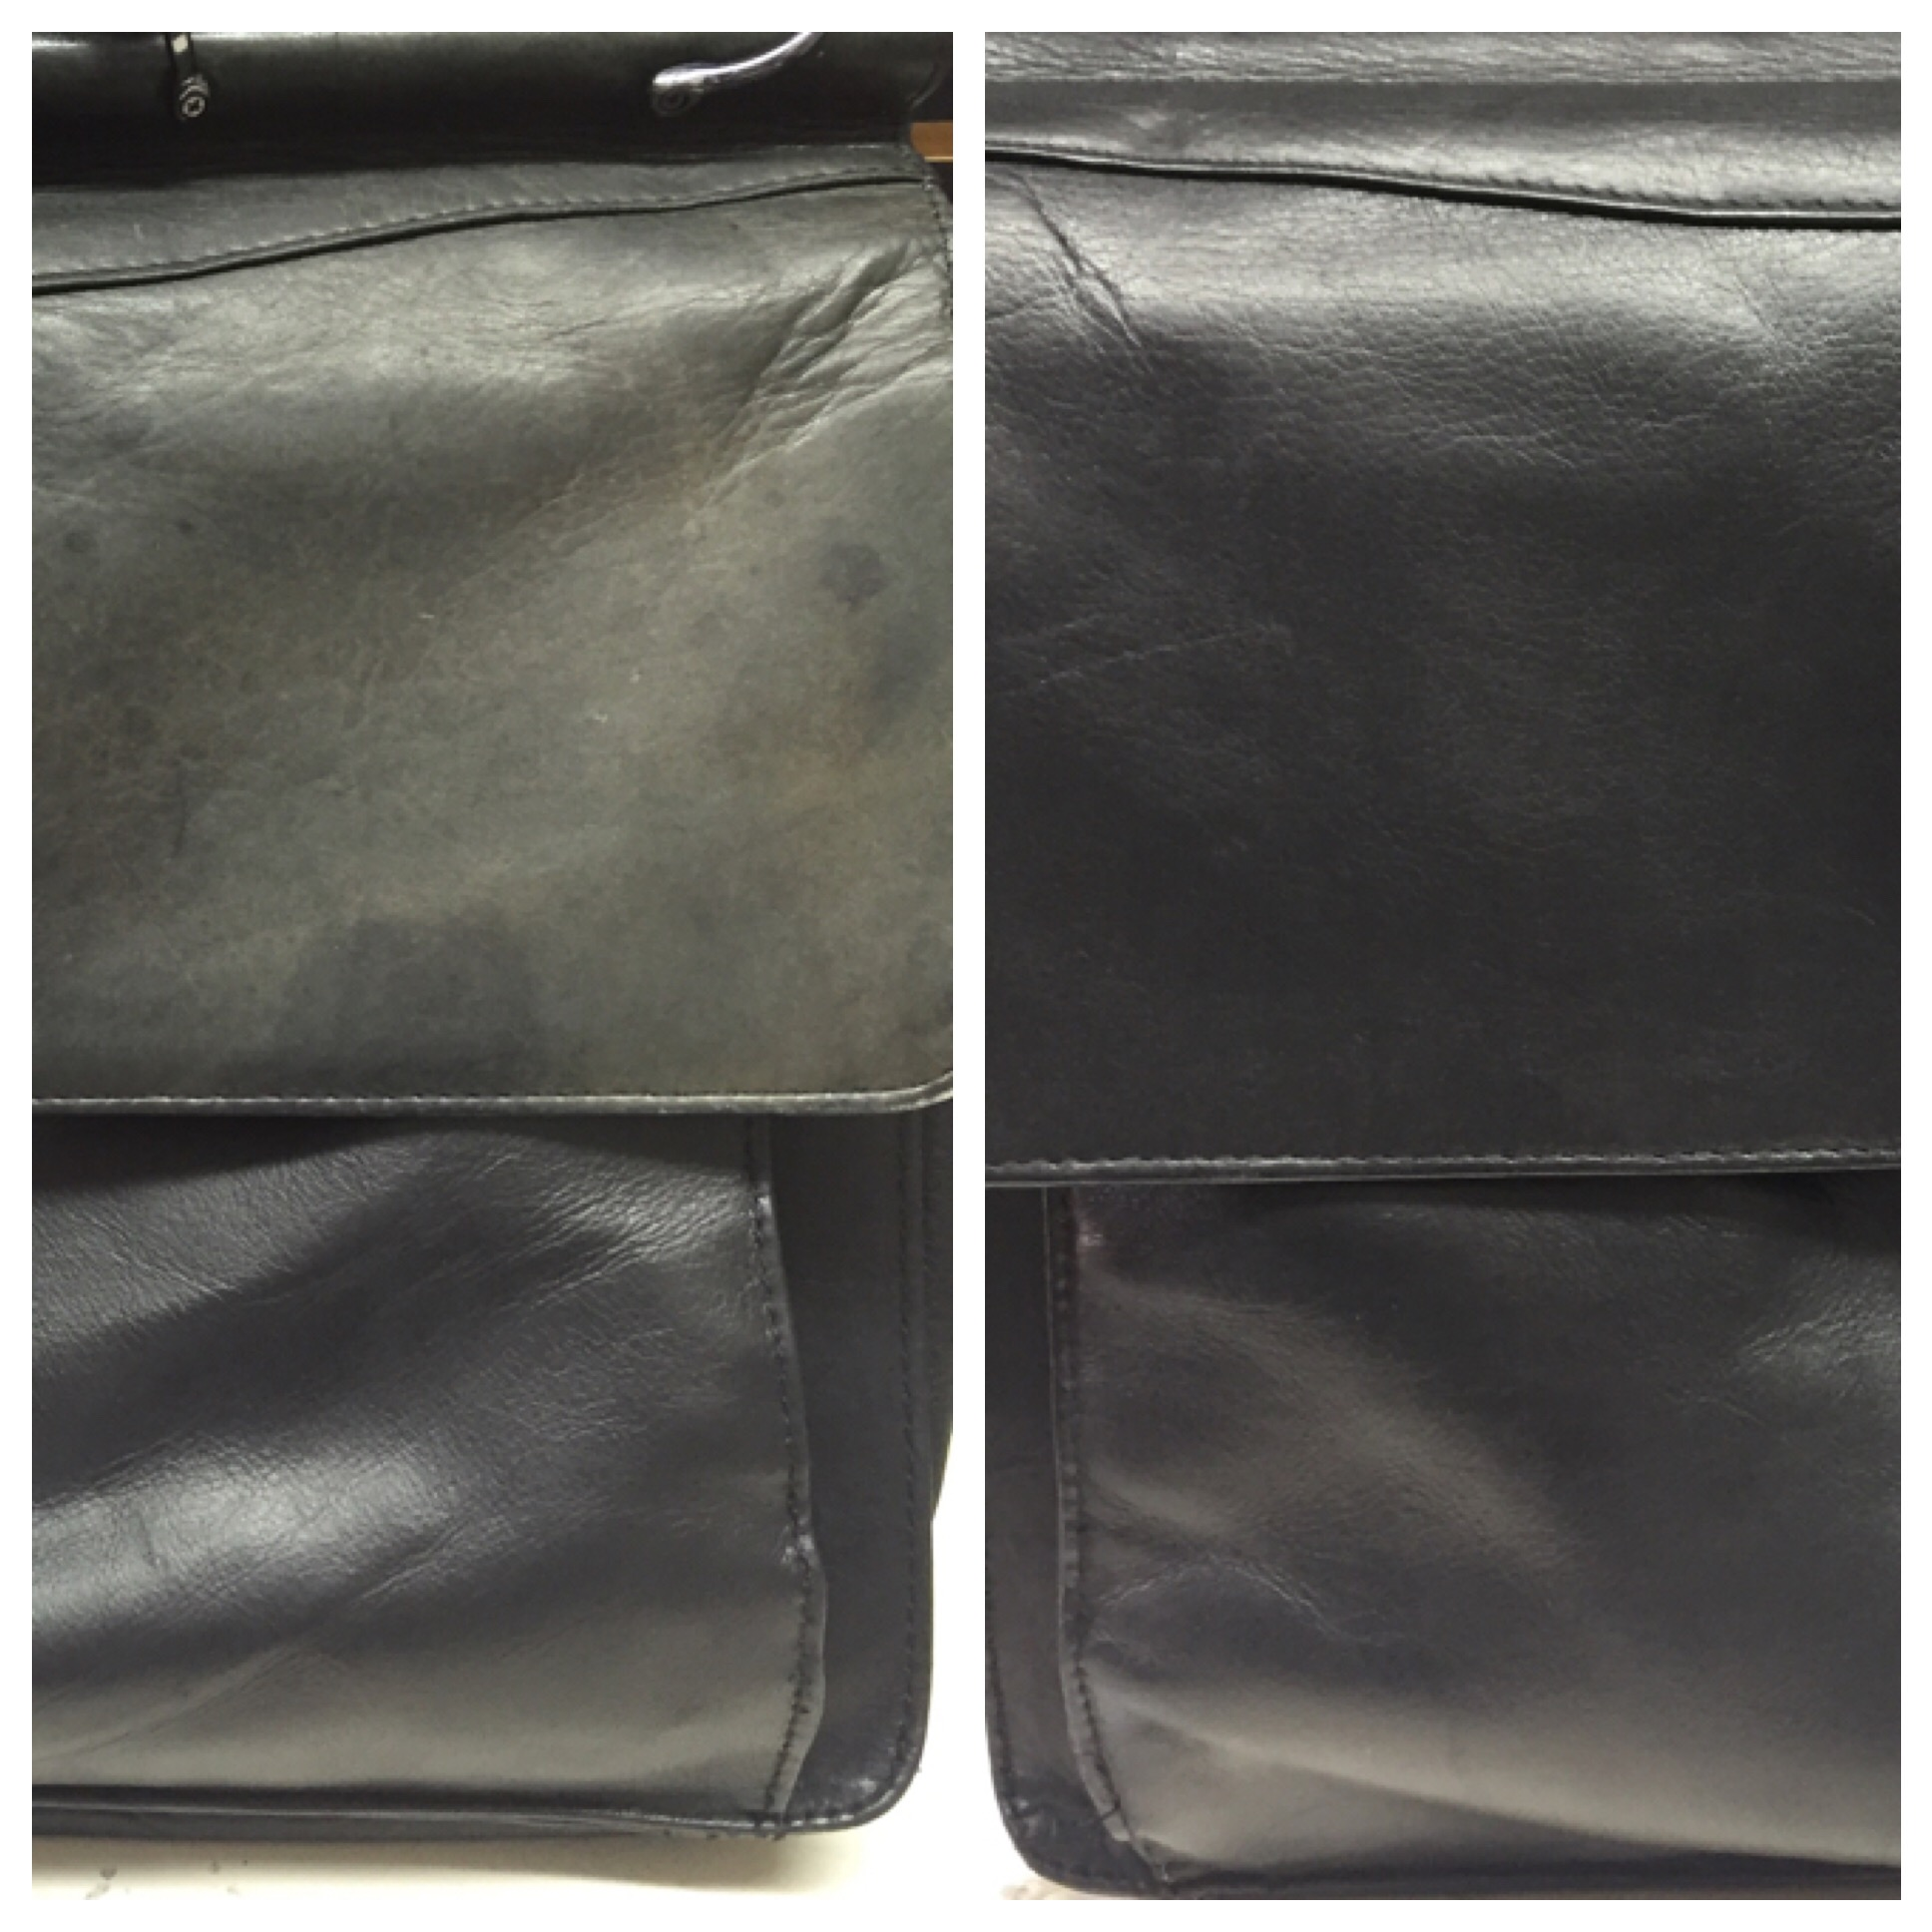 Briefcase restored